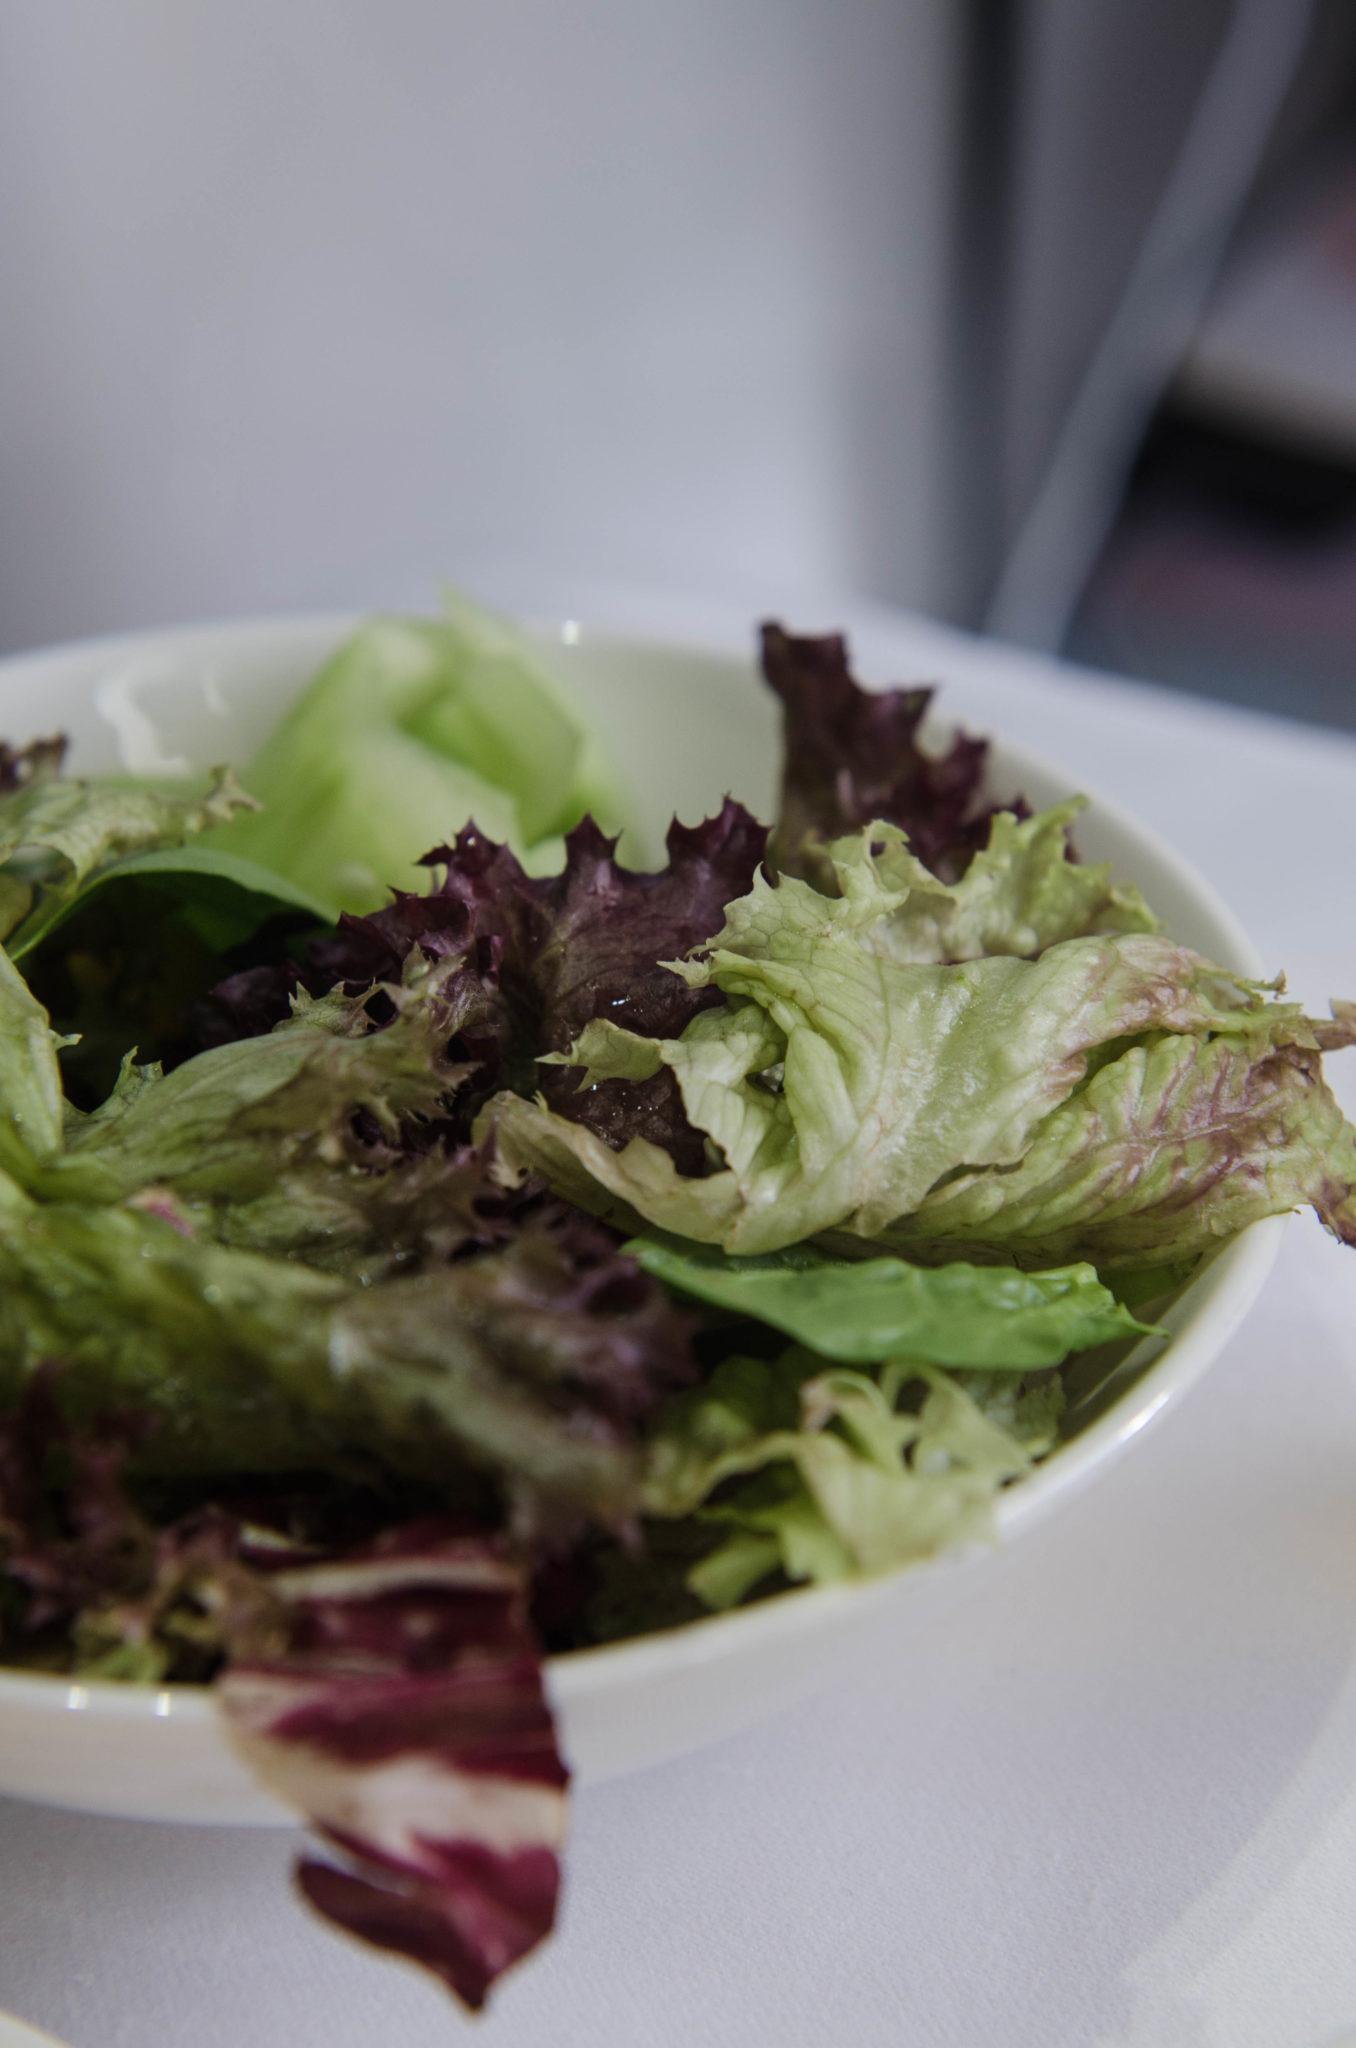 In der Emirates Business Class gibt es einen Salat als Vorspeise